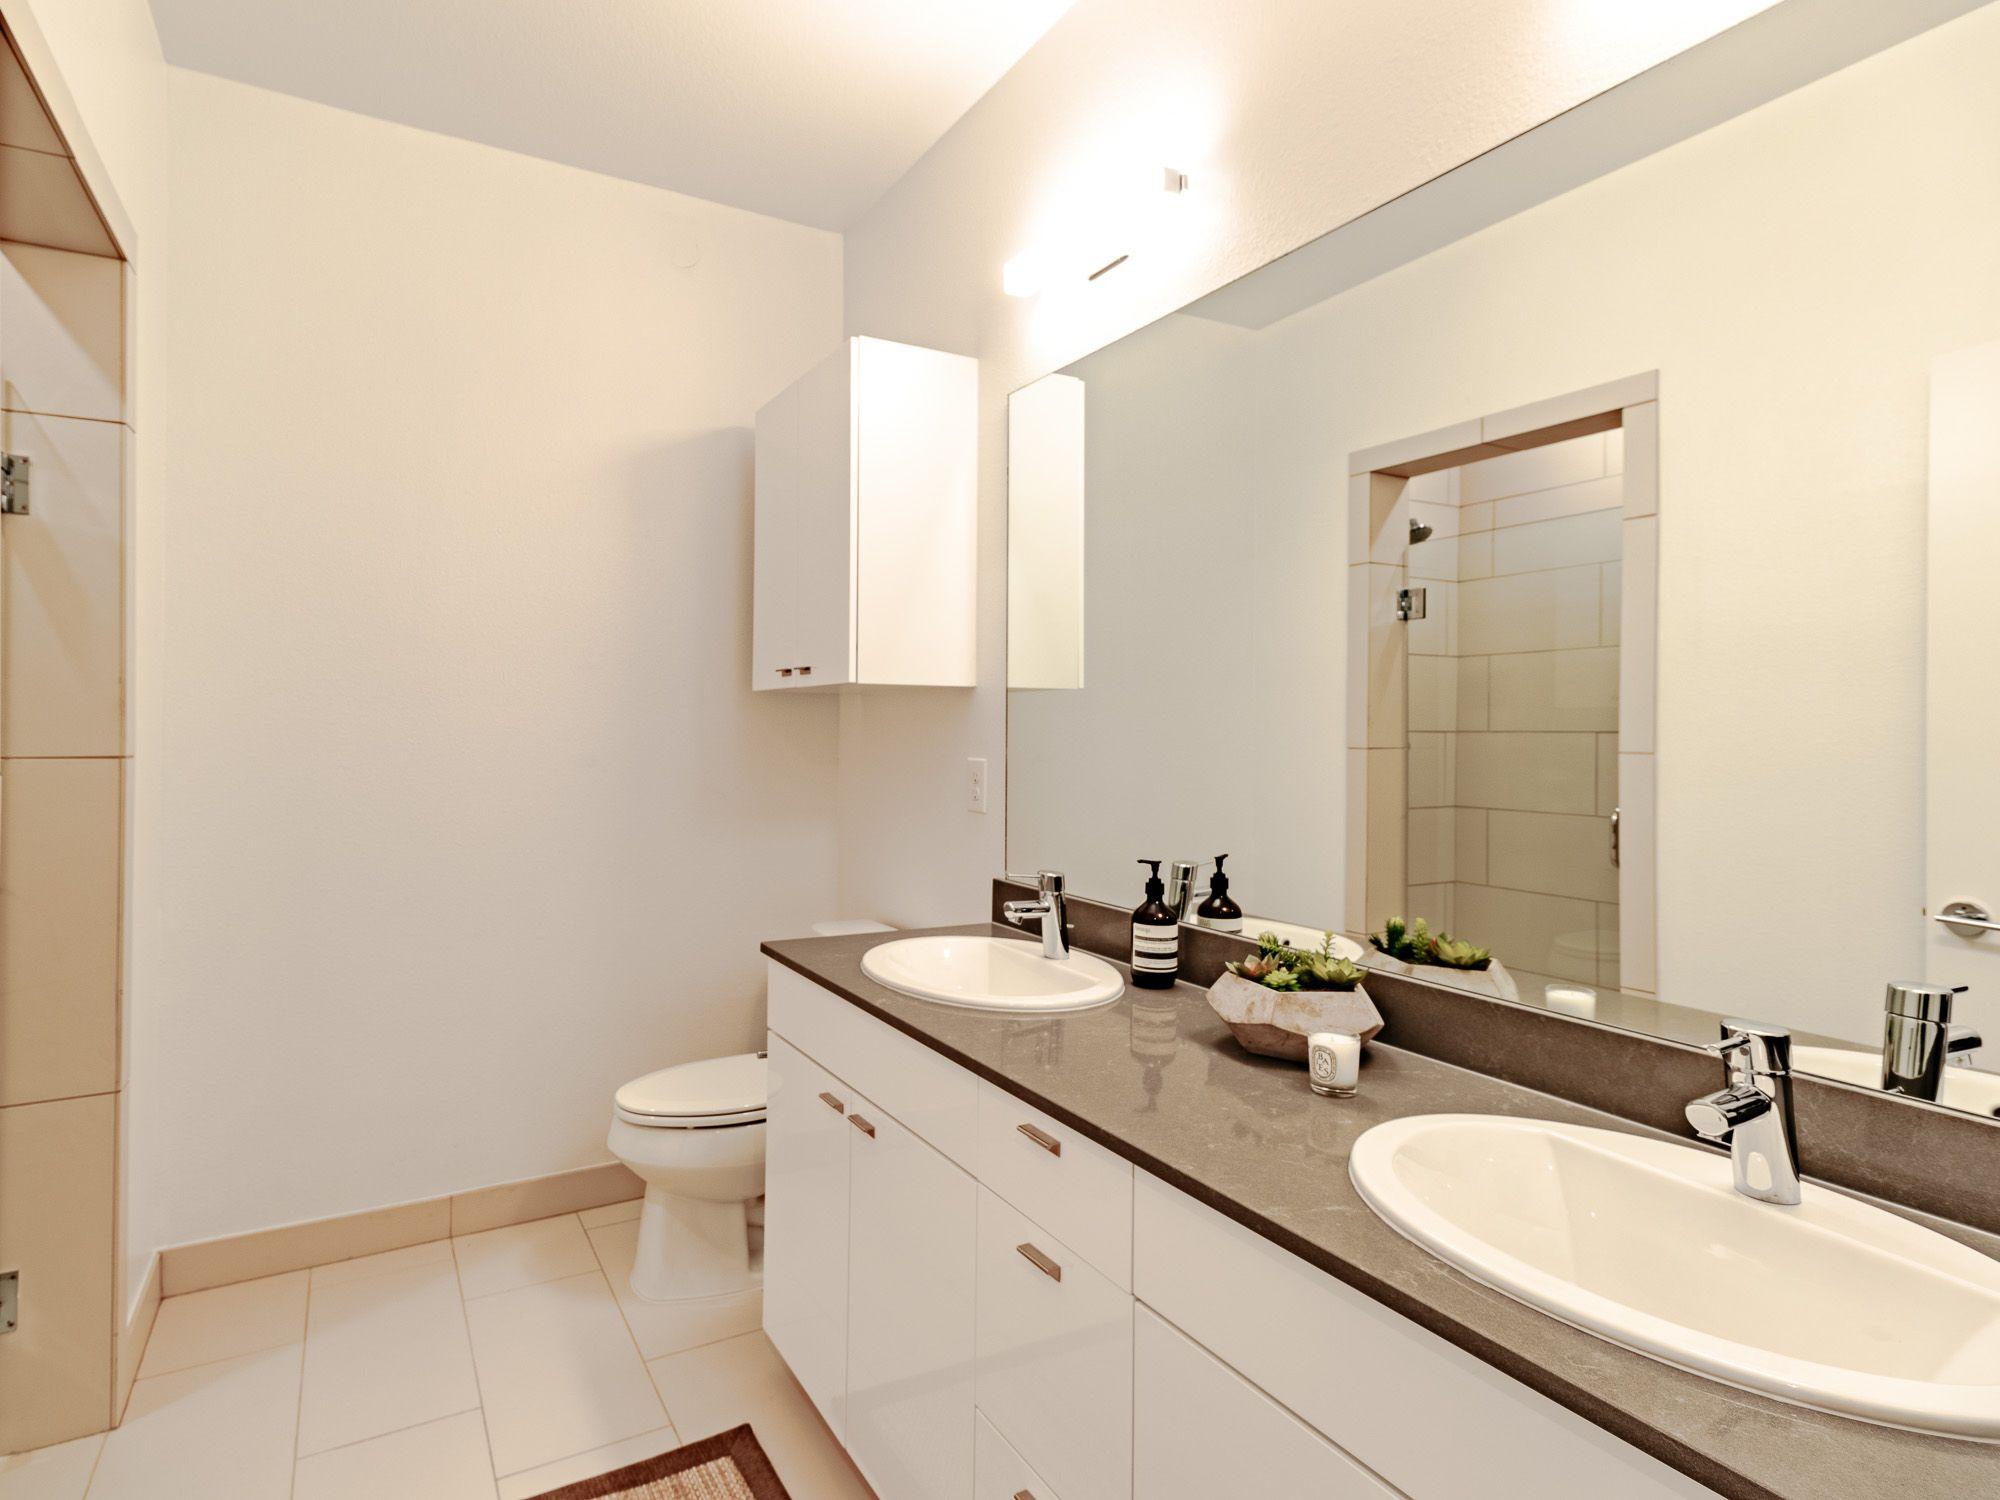 1stfloor corner unit spacious condo. Includes an outdoor